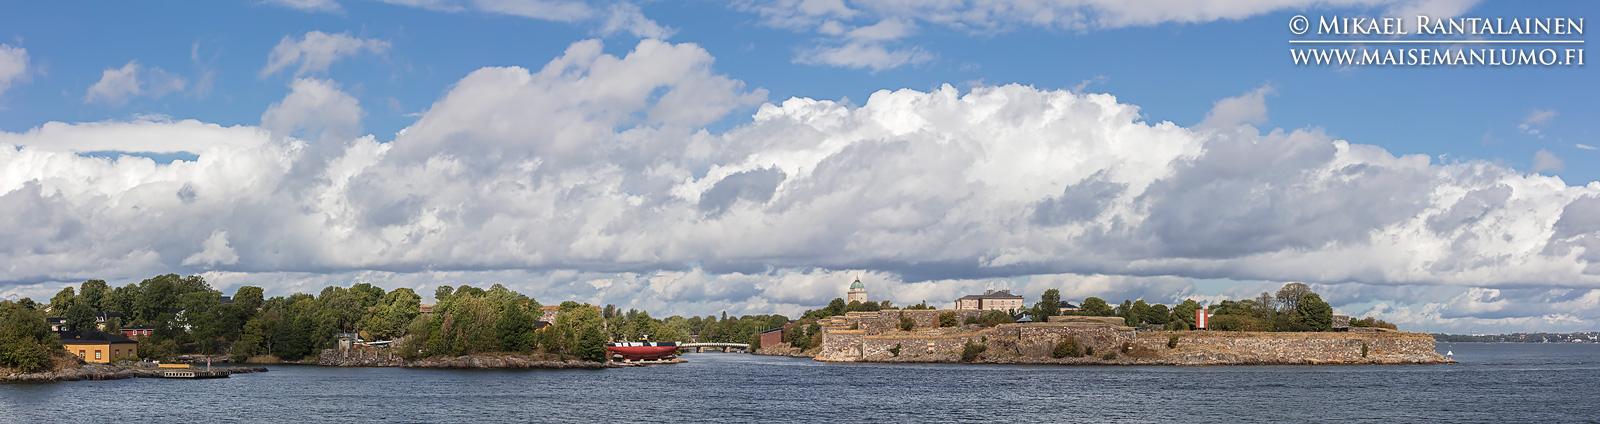 Suomenlinna panoraama Vallisaaresta, Helsinki (HP198)